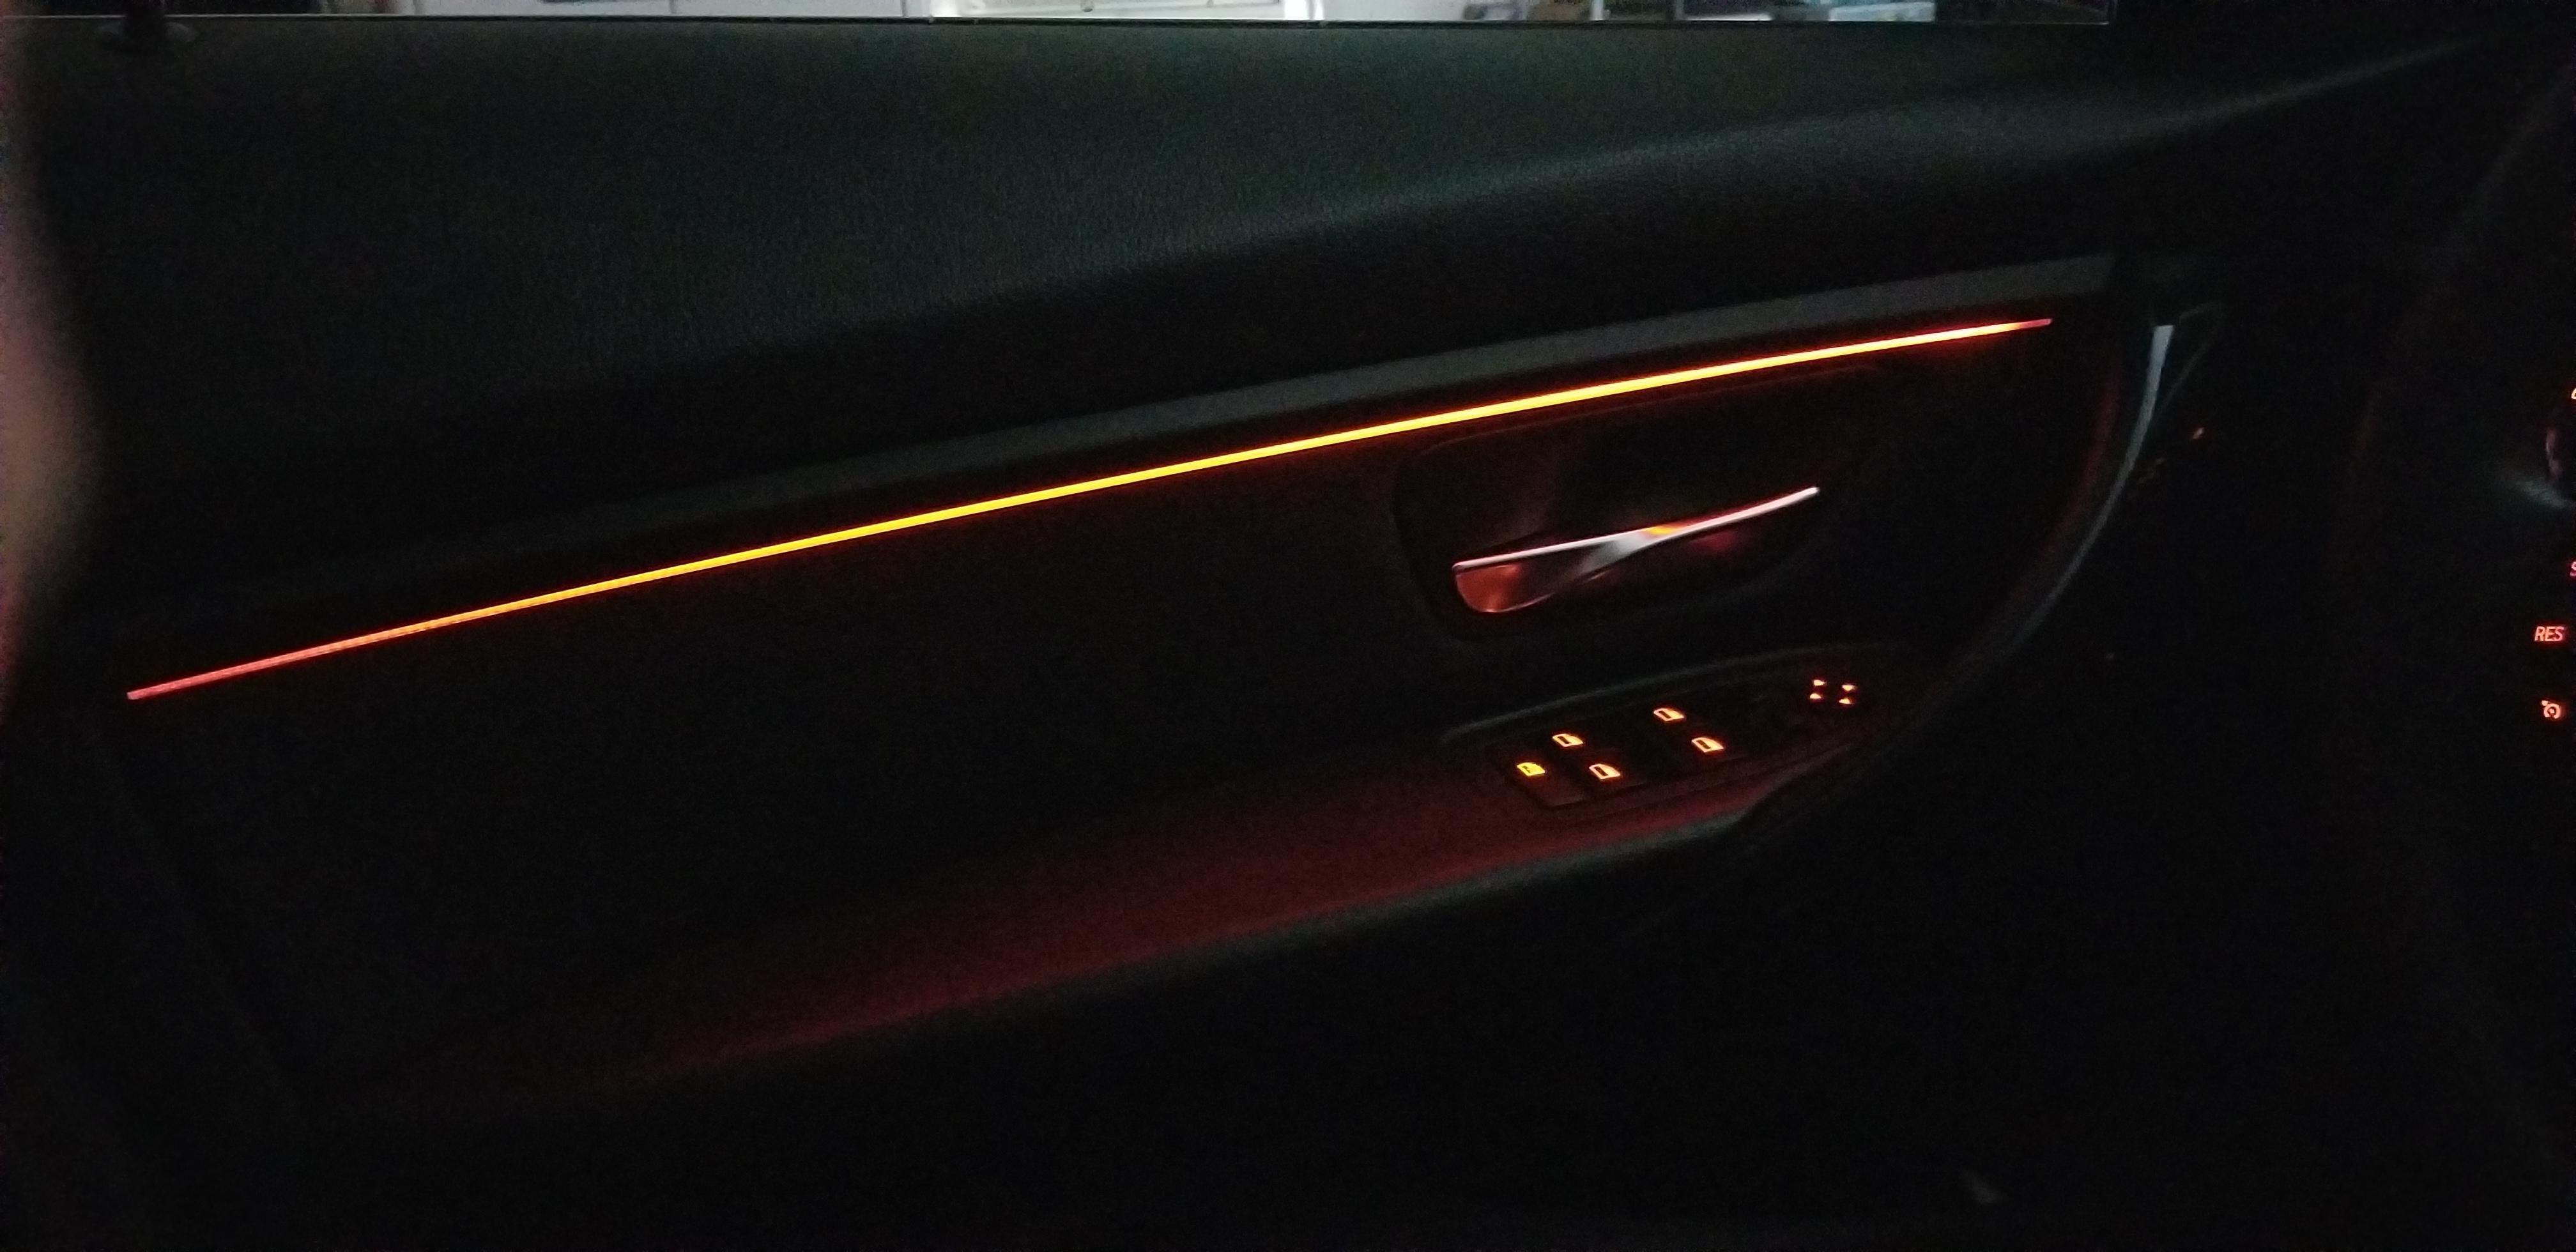 F30 Ambient Interior Light Upgrade Interior Lighting Ambient